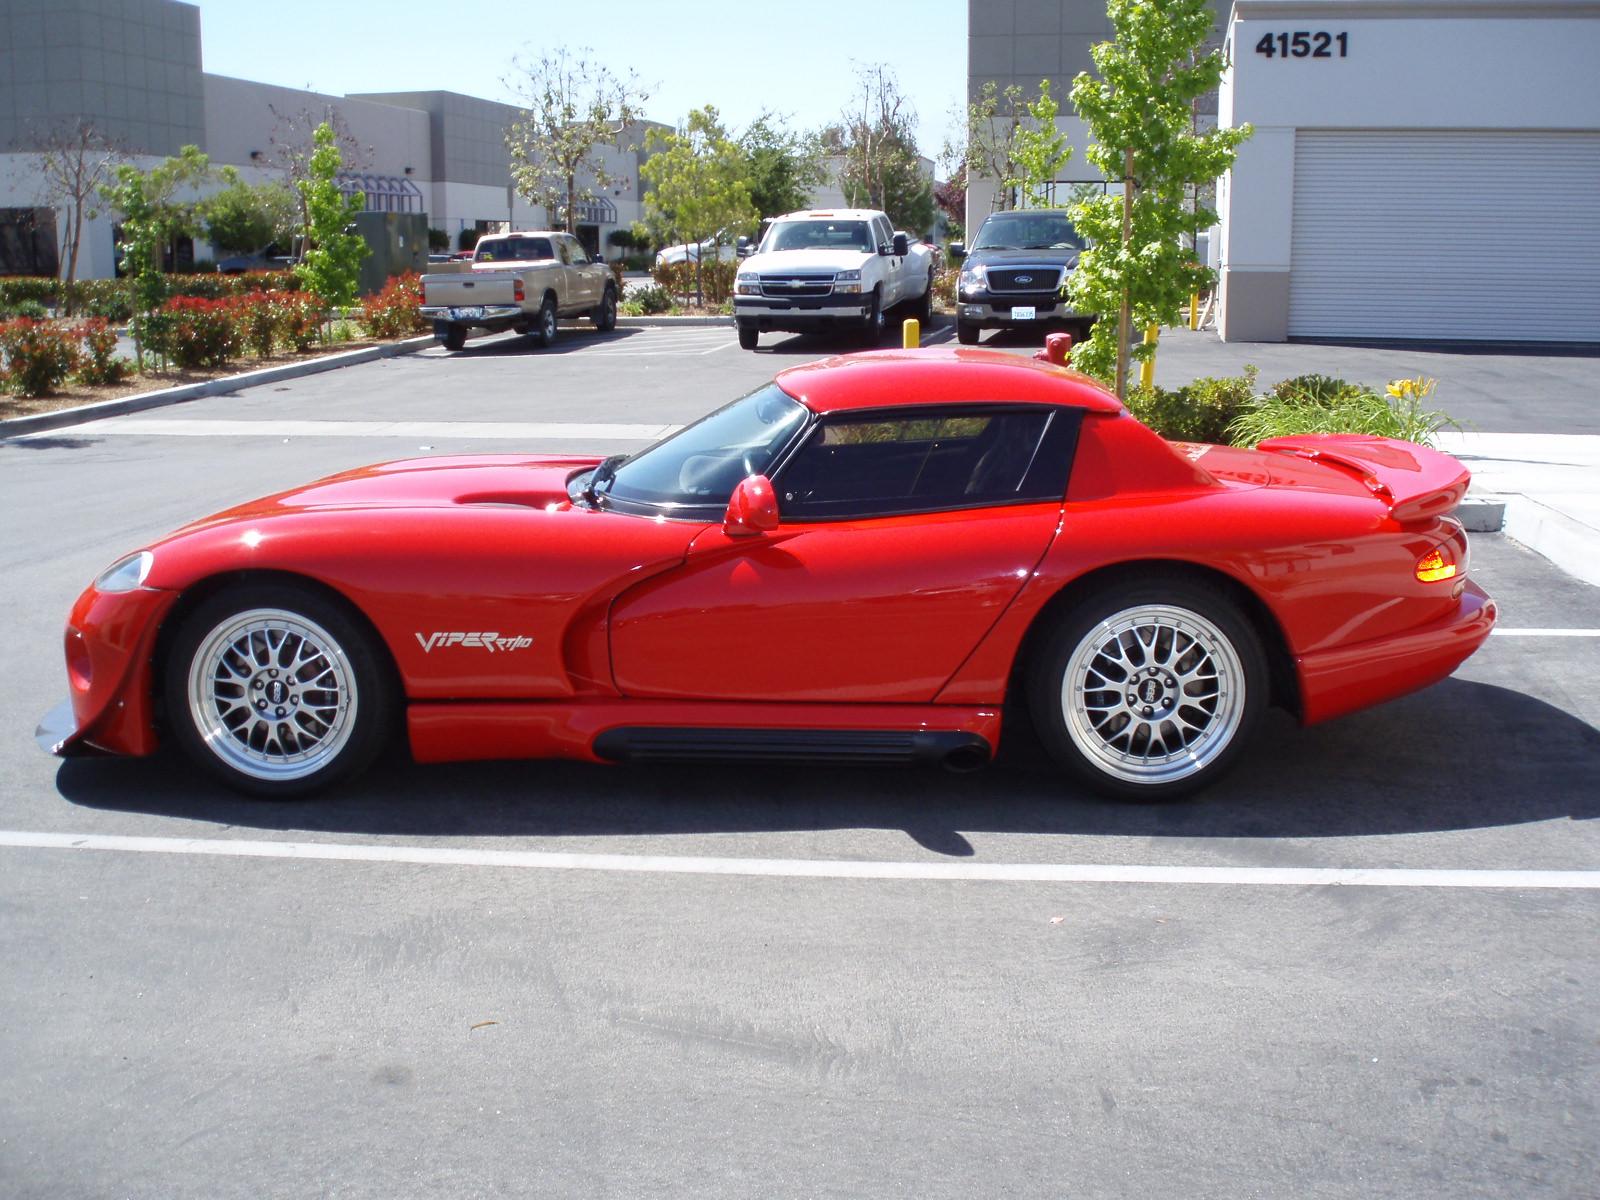 1995 Dodge Viper - Pictures - CarGurus